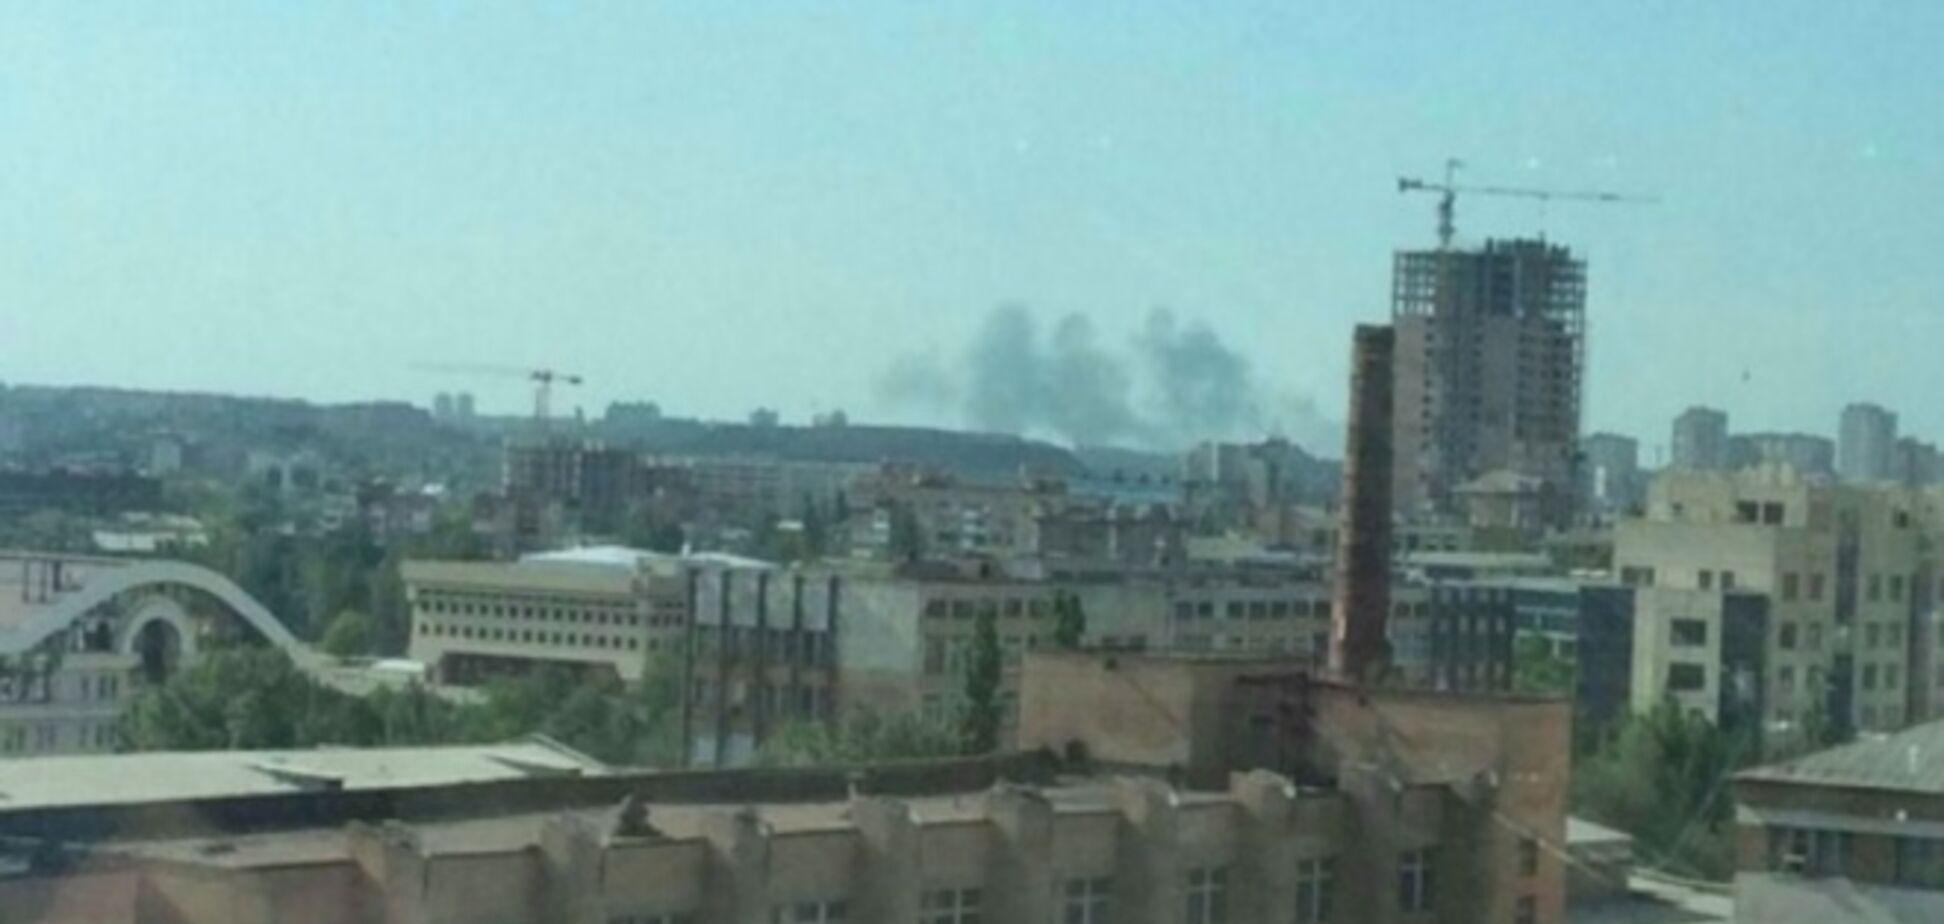 Ситуация в Донецке напряженная: слышны мощные артиллерийские залпы